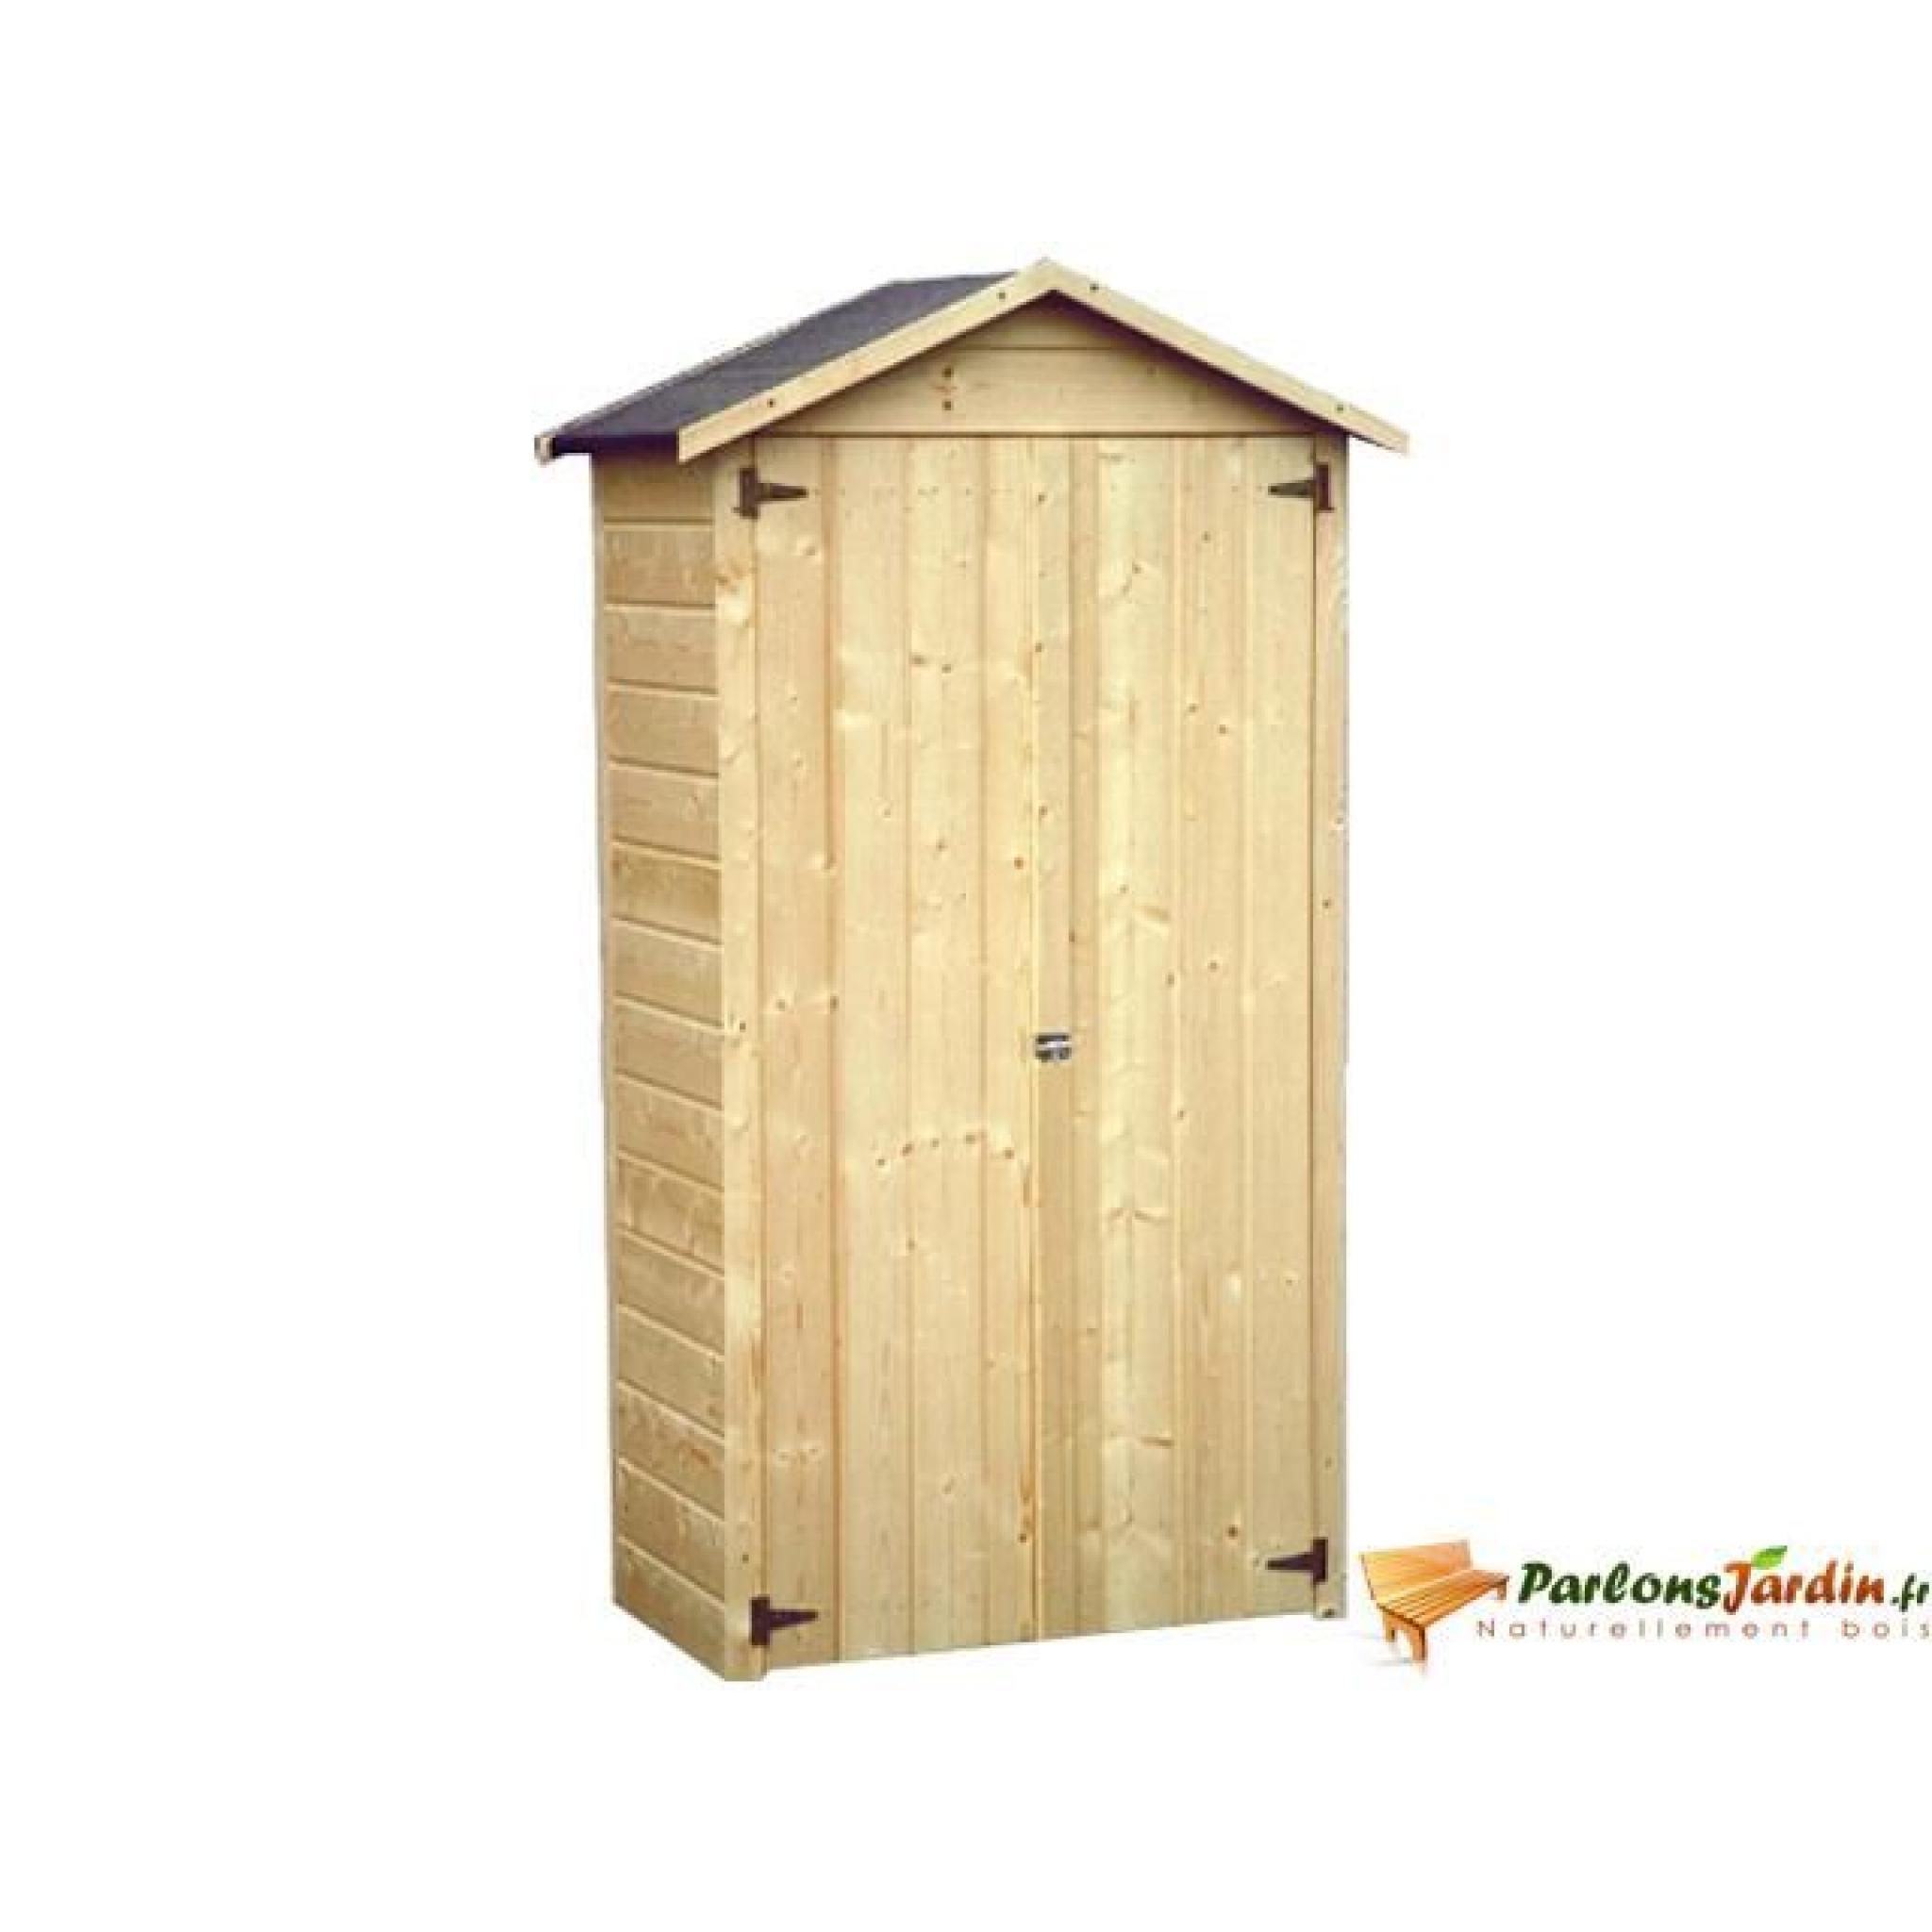 Coffre De Jardin Jura 0,47M² pour Abris De Jardin En Bois Pas Cher